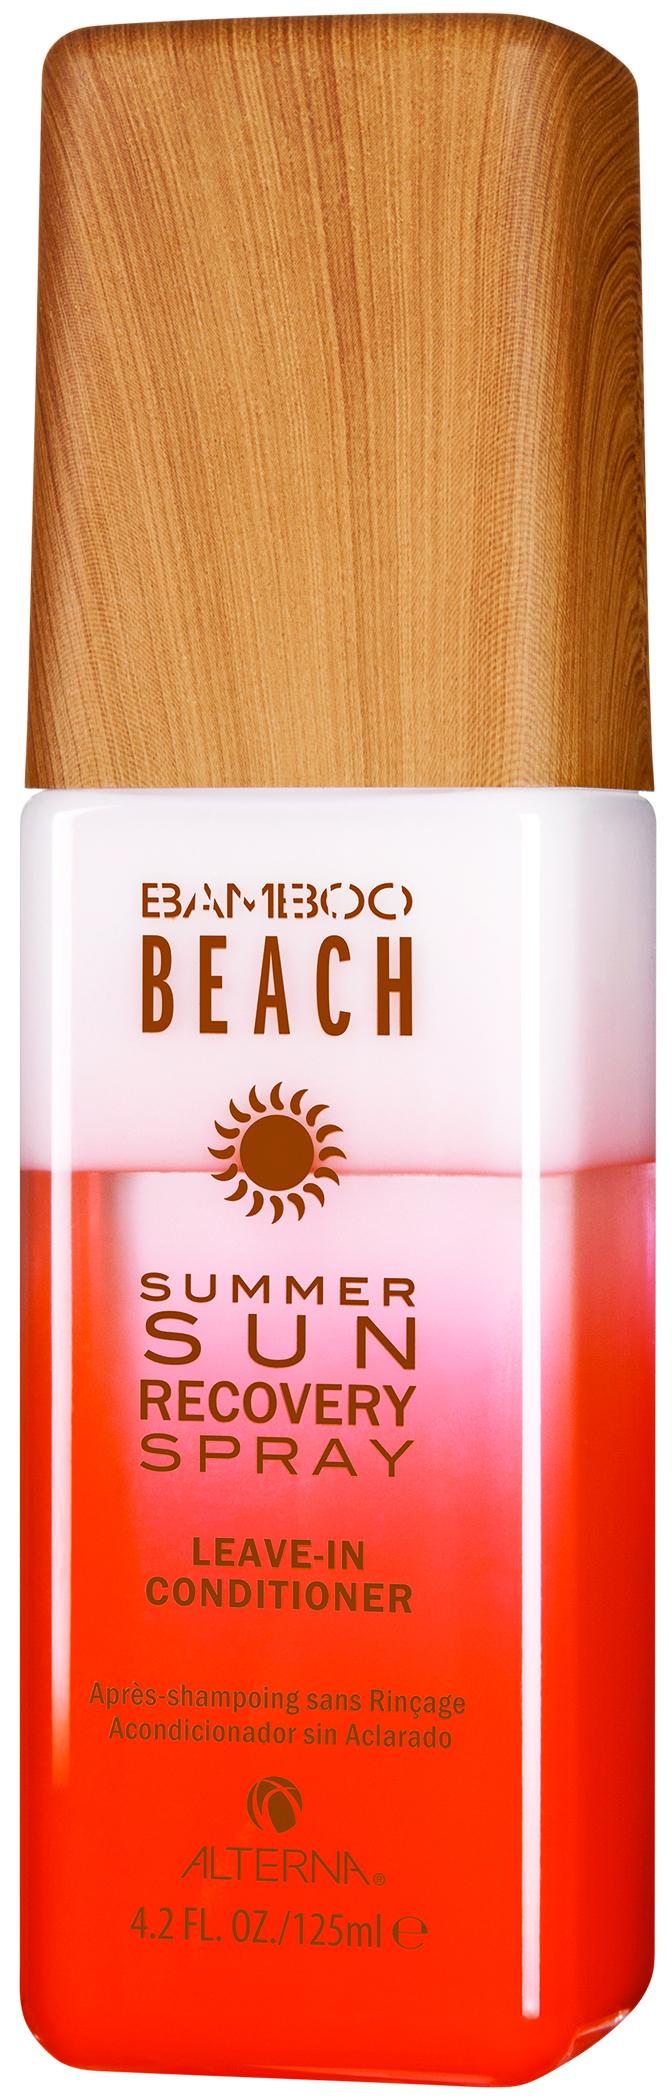 ALTERNA Спрей восстанавливающий для волос / Bamboo Beach Summer Sun Recovery Spray 125млСпреи<br>Summer Sun Recovery Spray Восстанавливающий спрей для волос: увлажняющий несмываемый кондиционер, оздоравливающий высушенные солнцем волосы и борющийся с условиями&amp;nbsp;окружающей среды, которые оказывают негативное воздействие на волосы в течение лета: солнце, морская вода и хлорированная вода в бассейнах. Способ применения: хорошо взболтать перед использованием. Нанесите на подсушенные полотенцем волосы. Не смывать. Стиль как обычно.<br><br>Вид средства для волос: Восстанавливающий<br>Типы волос: Для всех типов